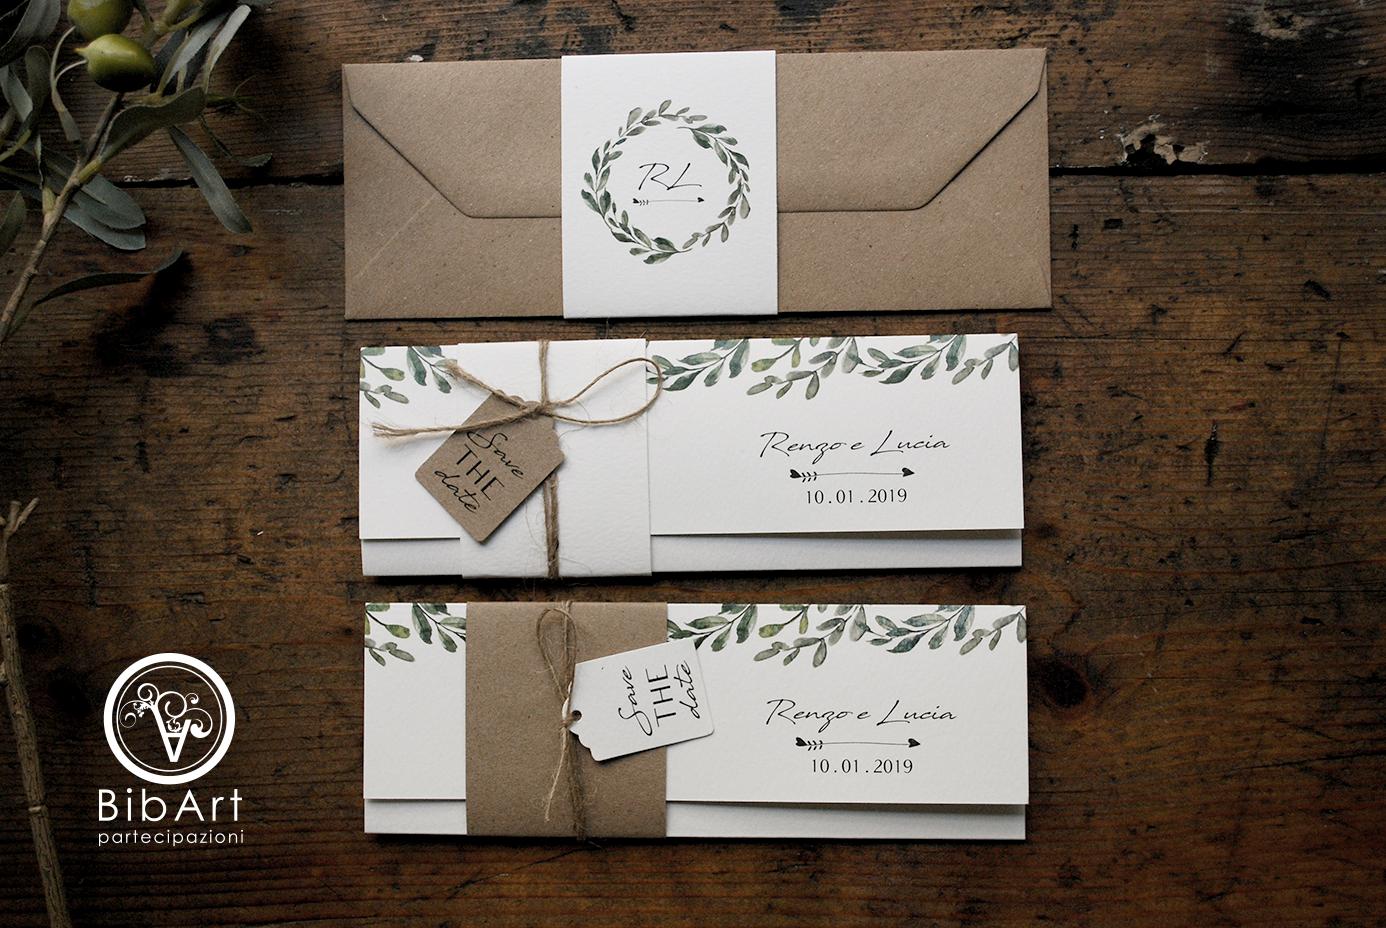 Partecipazioni Matrimonio A 0 50 Centesimi.Rustic Invitation Green Wreath Kraft Envelope Invito Country